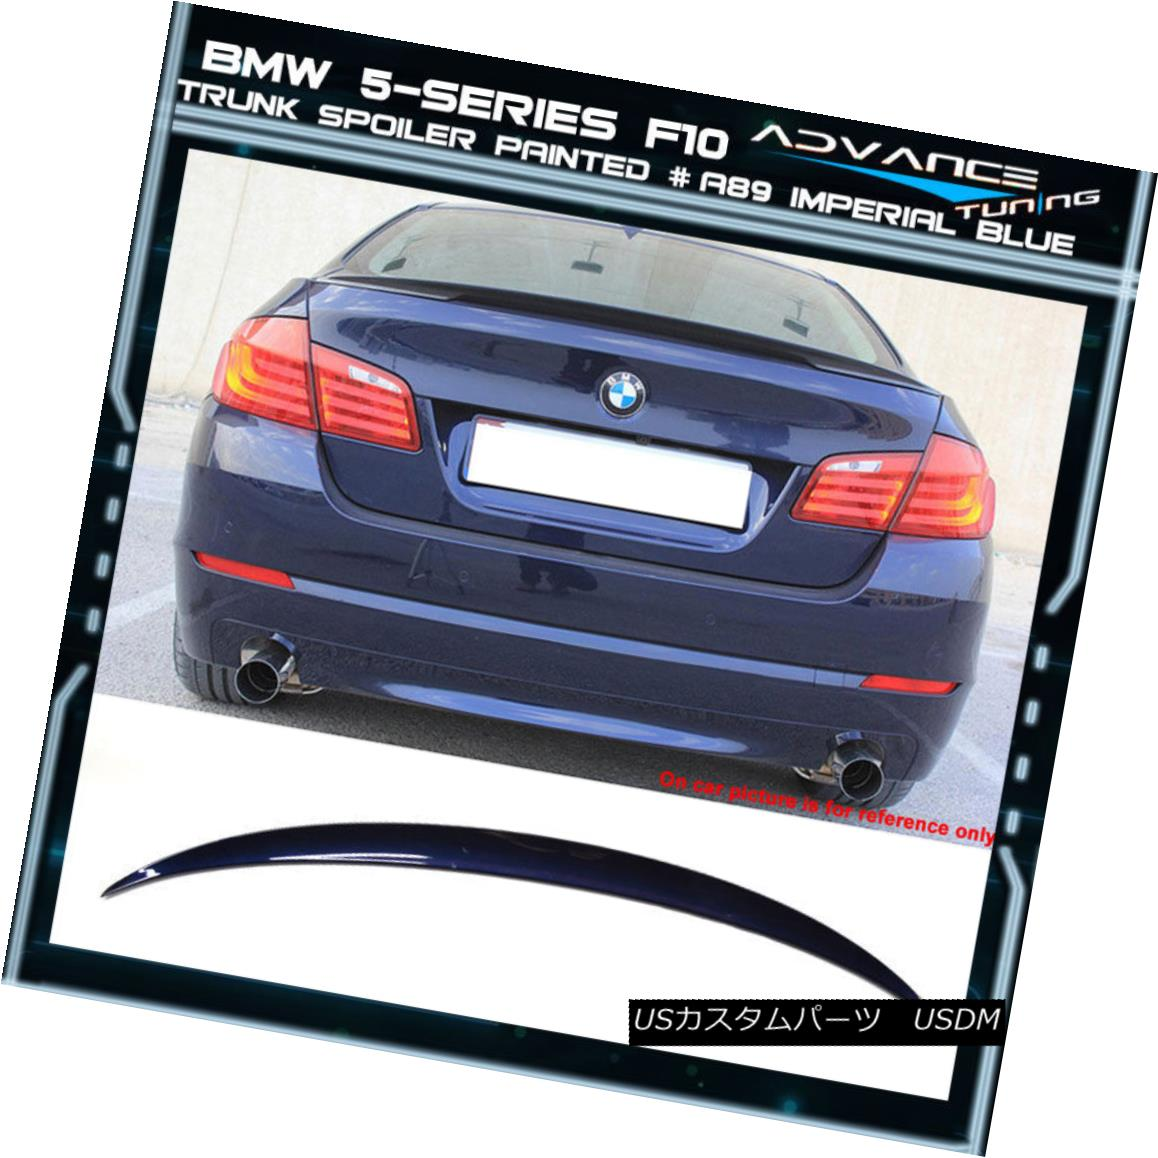 エアロパーツ 11-16 BMW 5-Series F10 Sedan Trunk Spoiler OEM Painted Color # A89 Imperial Blue 11-16 BMW 5シリーズF10セダントランク・スポイラーOEM塗装カラー#A89インペリアル・ブルー